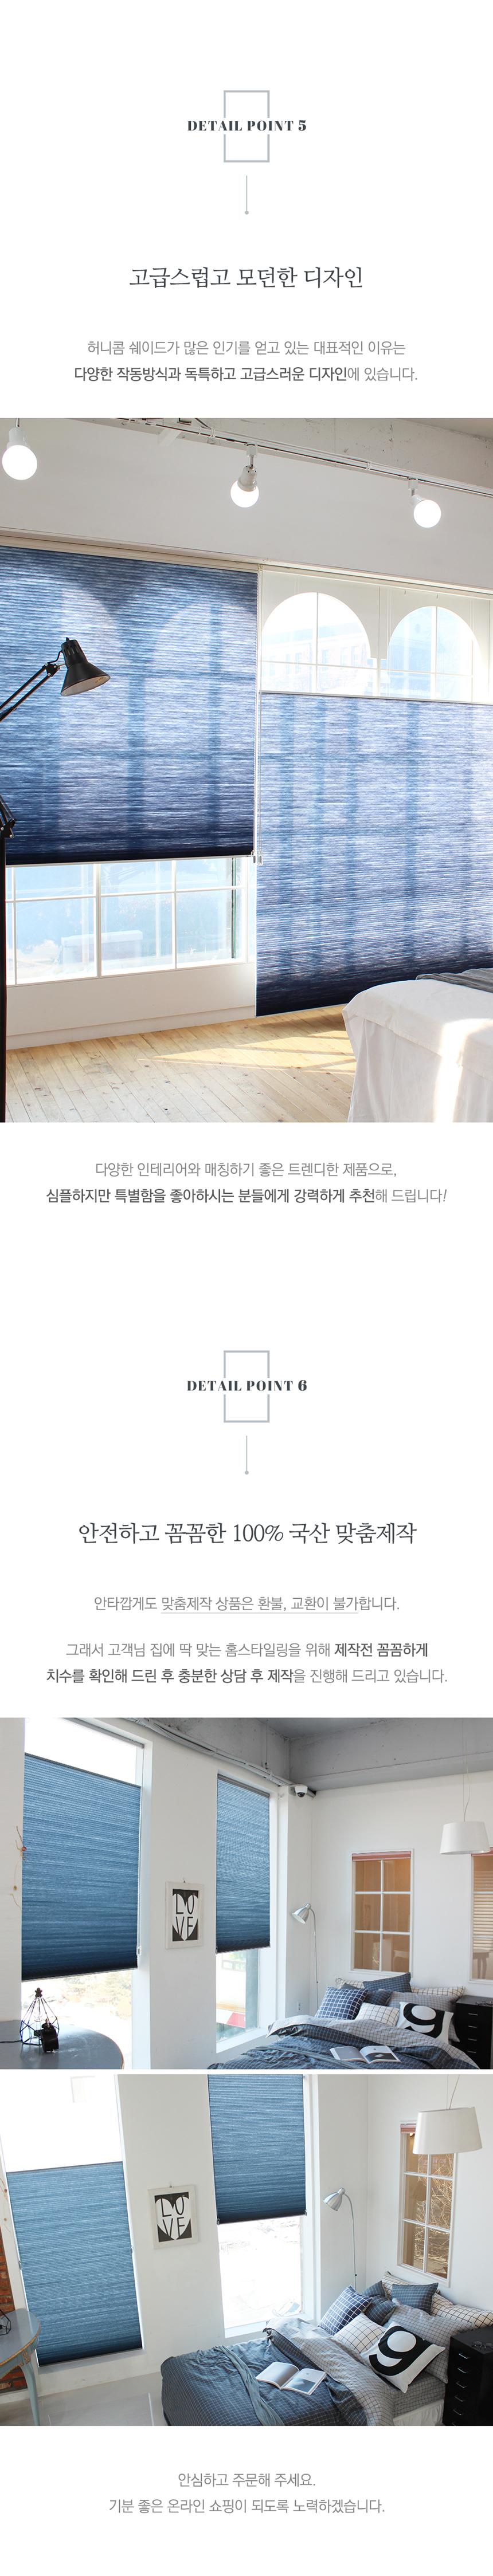 허니콤 쉐이드 포인트3